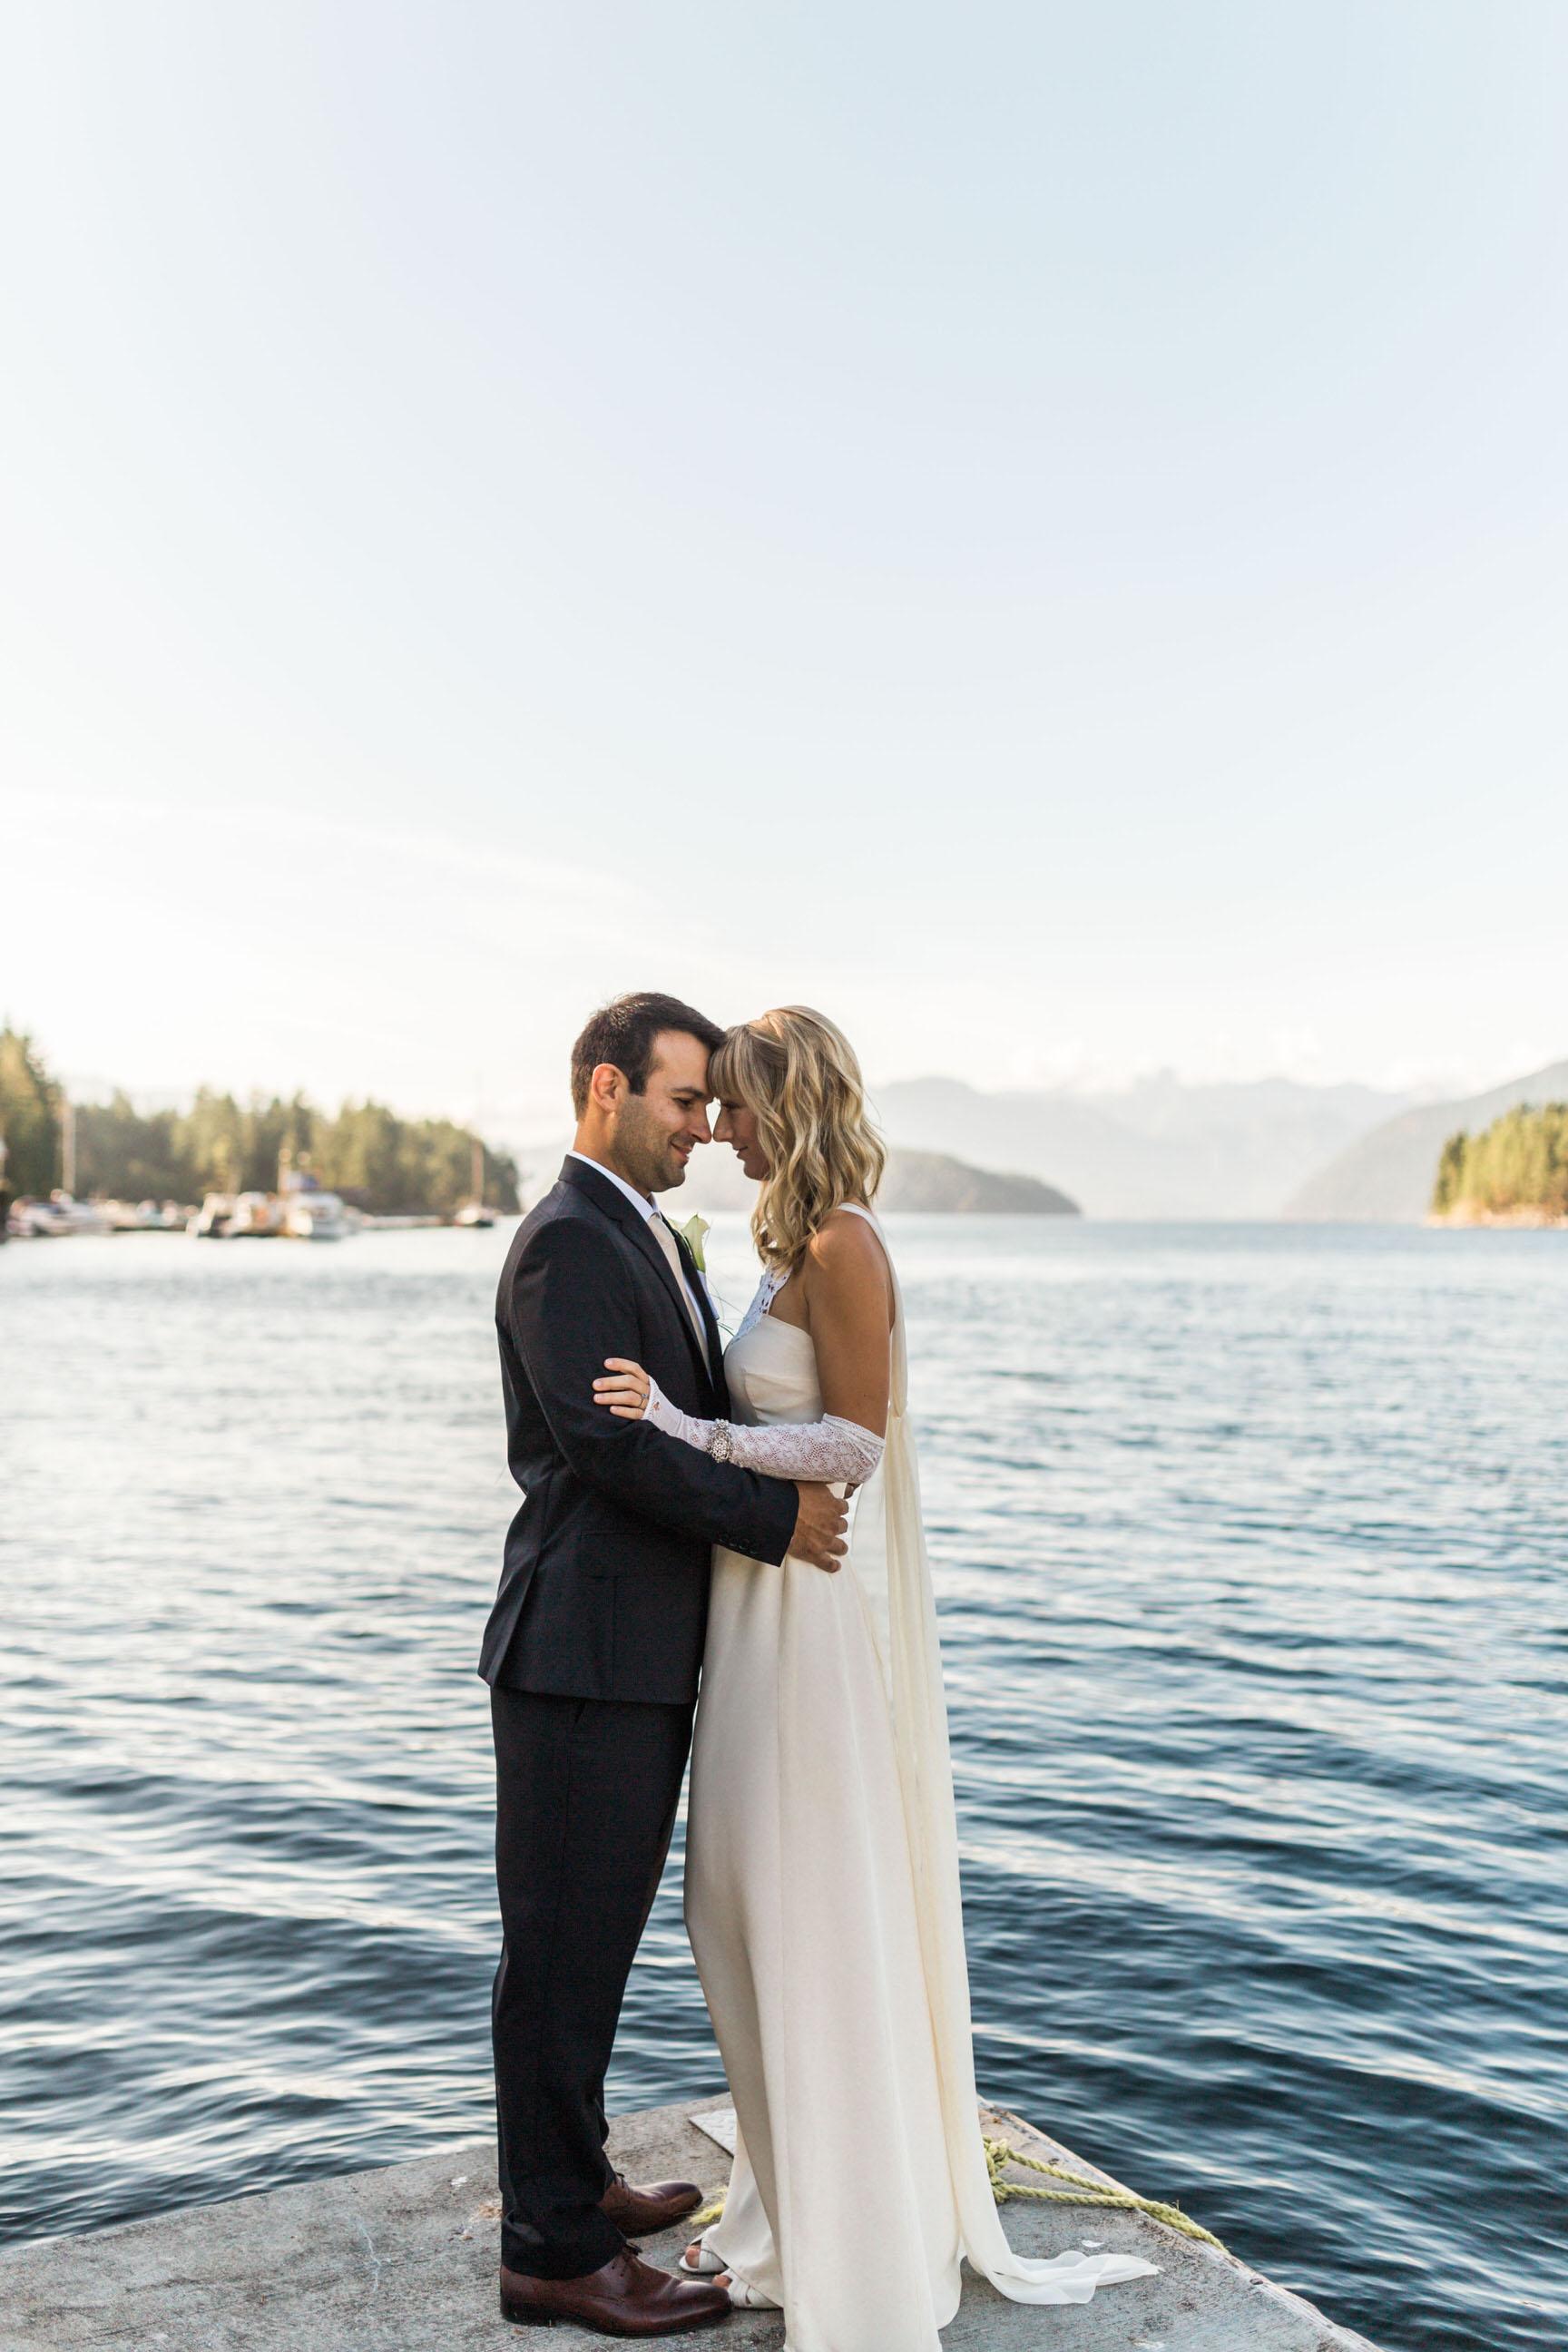 Sunshine Coast Wedding Photographer - Vancouver Wedding Photographer - West Coast Wilderness Lodge Wedding - Jennifer Picard Photography - IMG_8036.jpg